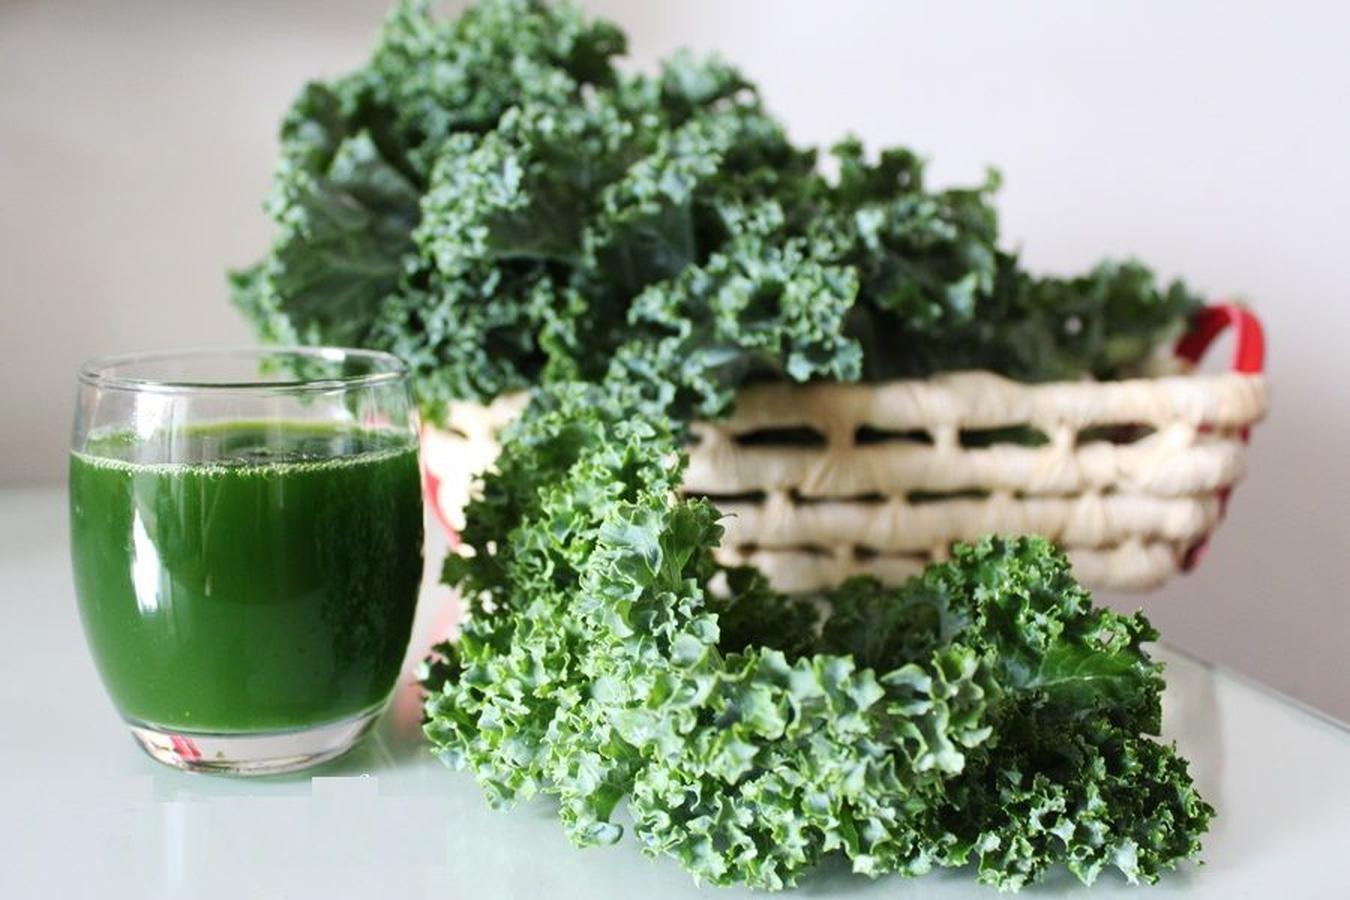 Không chỉ trứng, những loại rau này cũng giúp bổ sung canxi hỗ trợ cho việc tăng chiều cao rất tốt